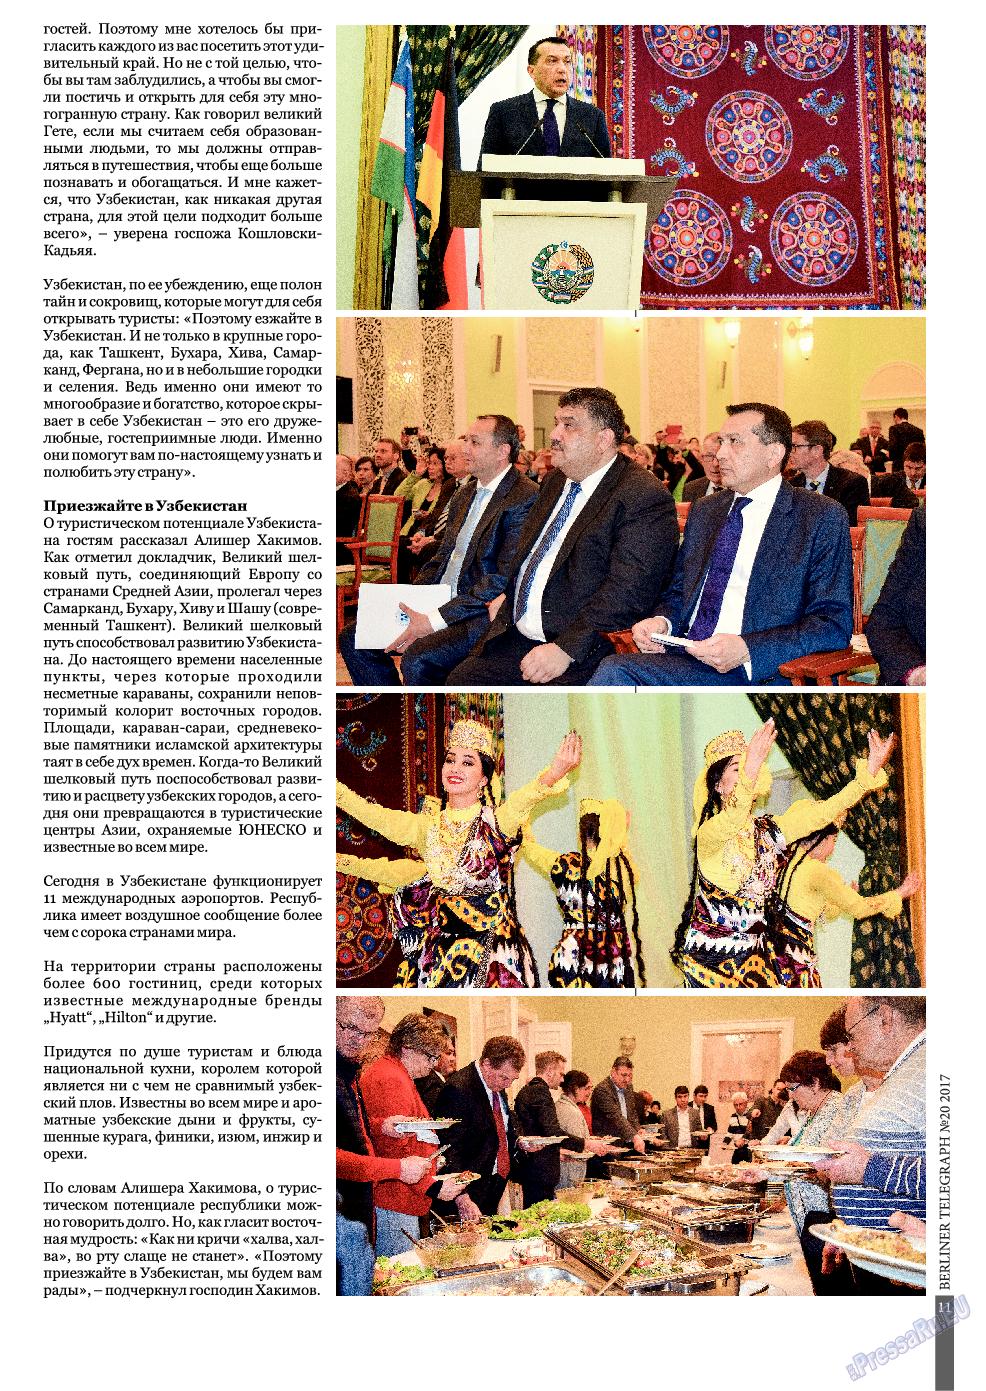 Берлинский телеграф (журнал). 2017 год, номер 20, стр. 11